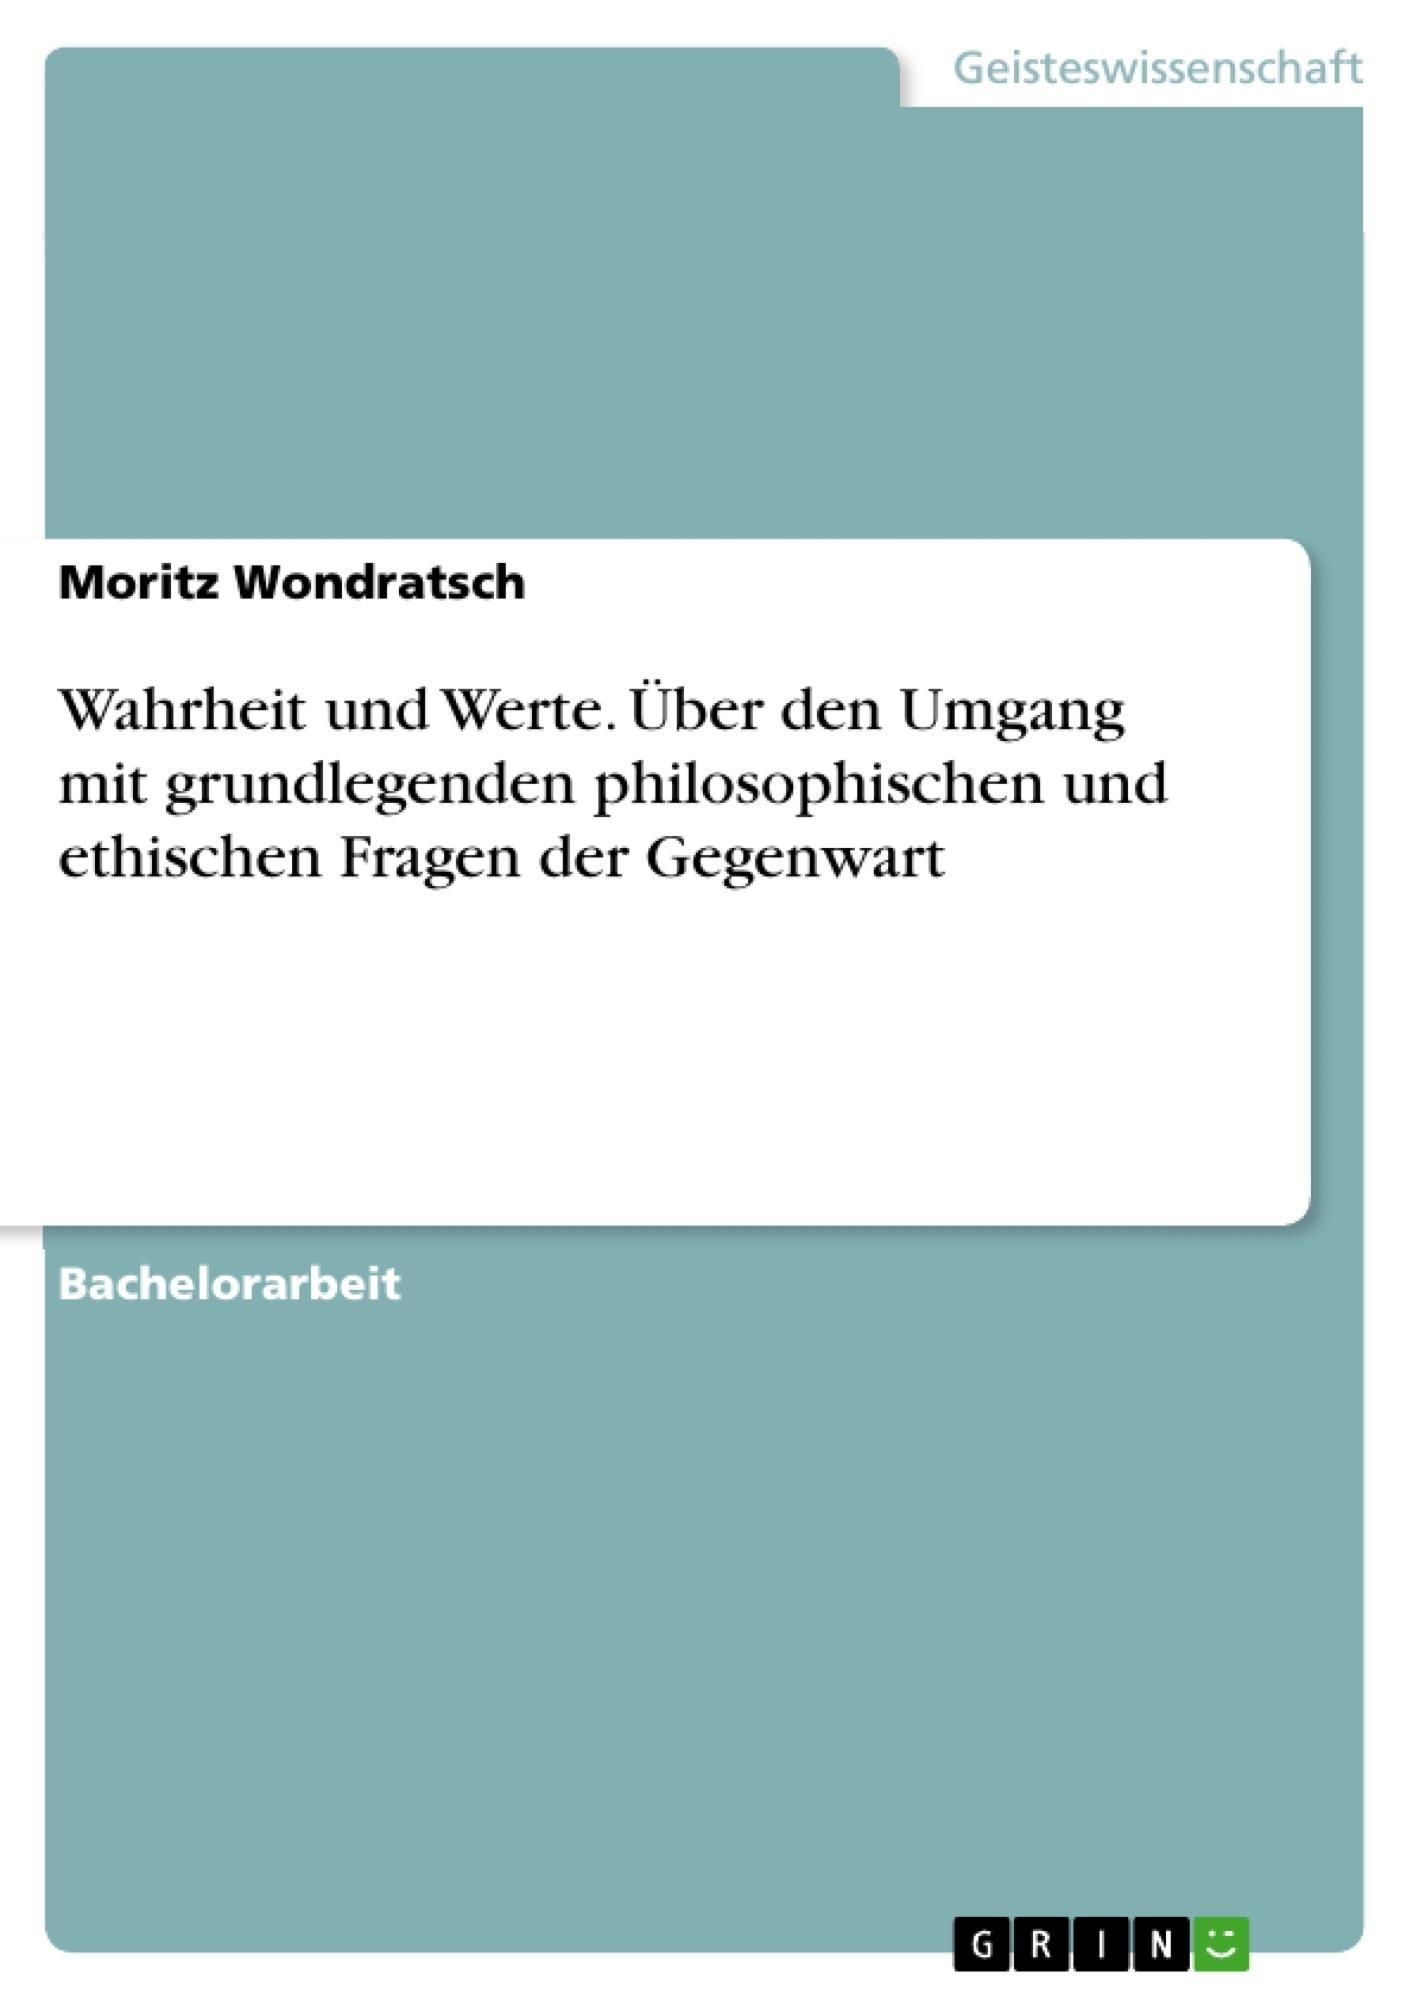 Titel: Wahrheit und Werte. Über den Umgang mit grundlegenden philosophischen und ethischen Fragen der Gegenwart